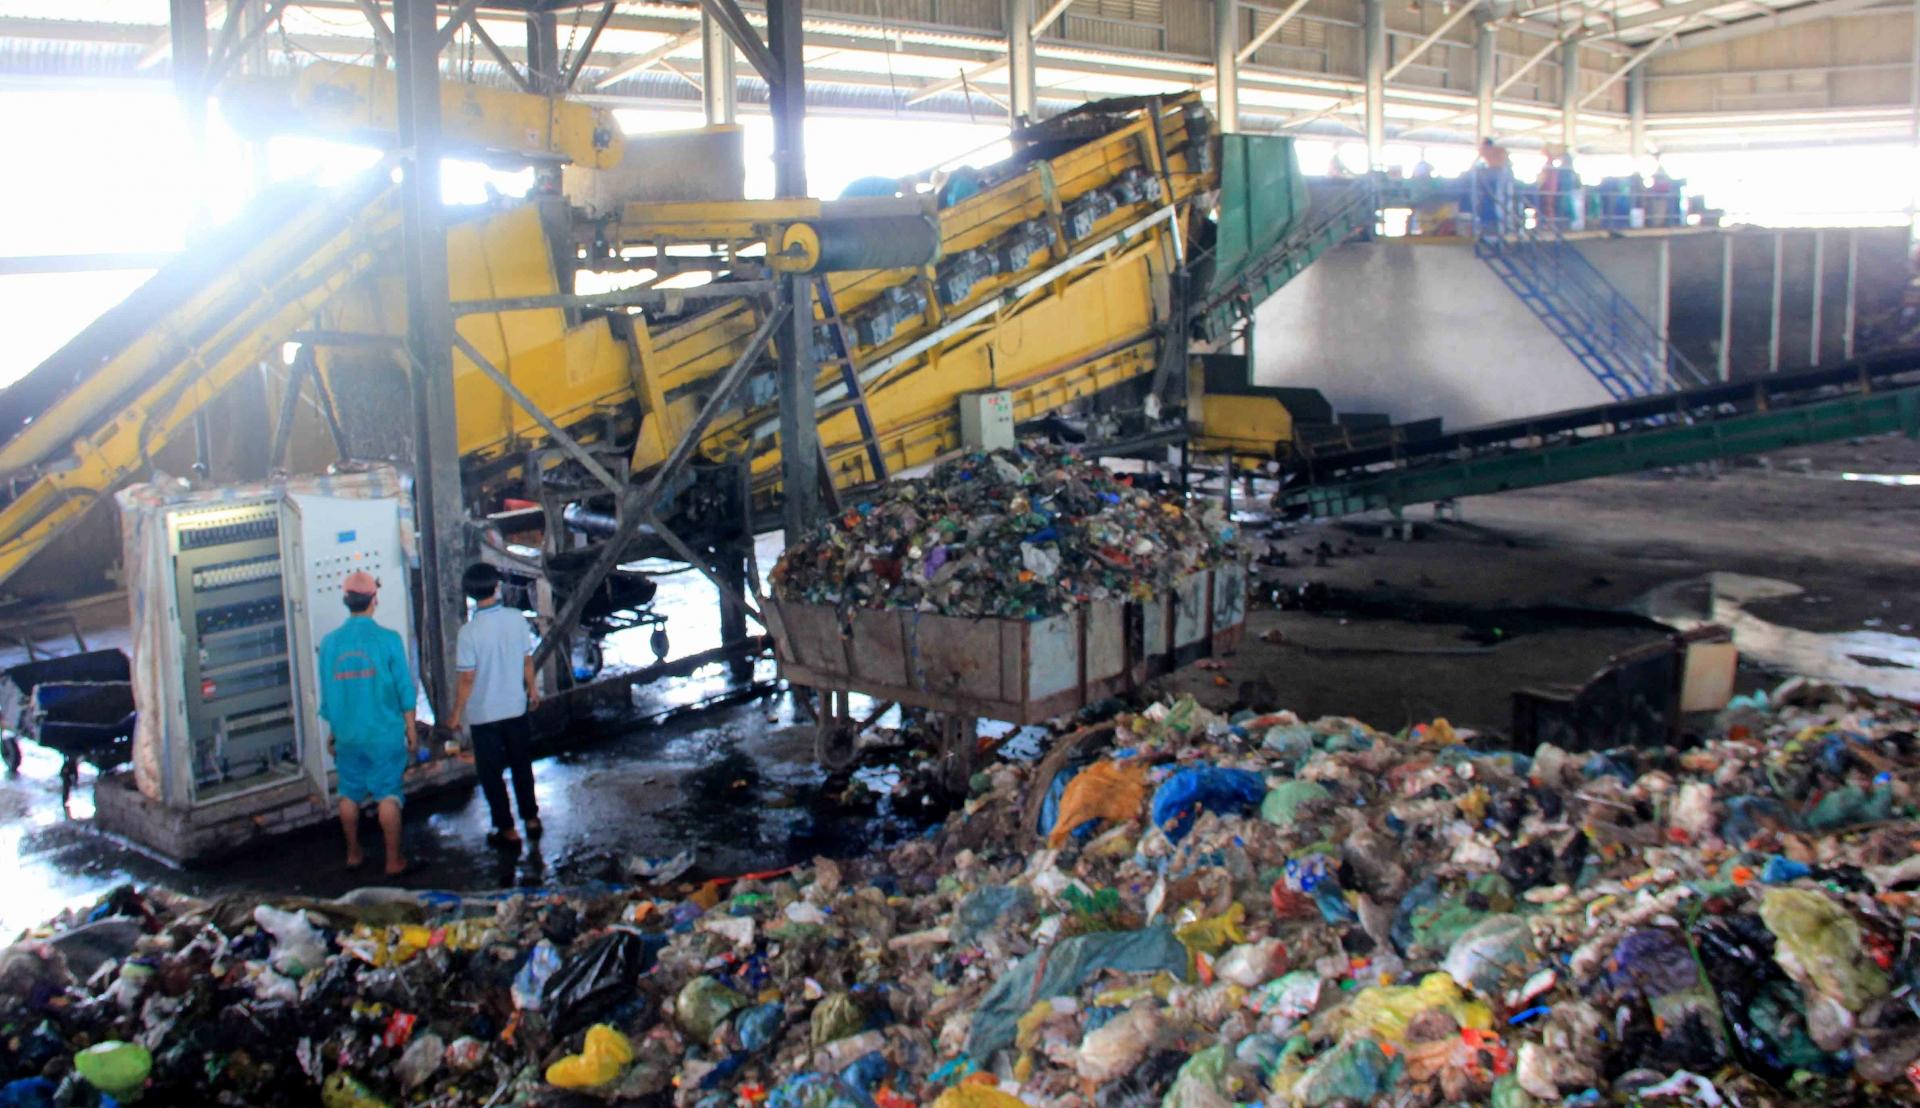 Phát triển nhà máy điện rác: Công nghệ phải phù hợp túi tiền?